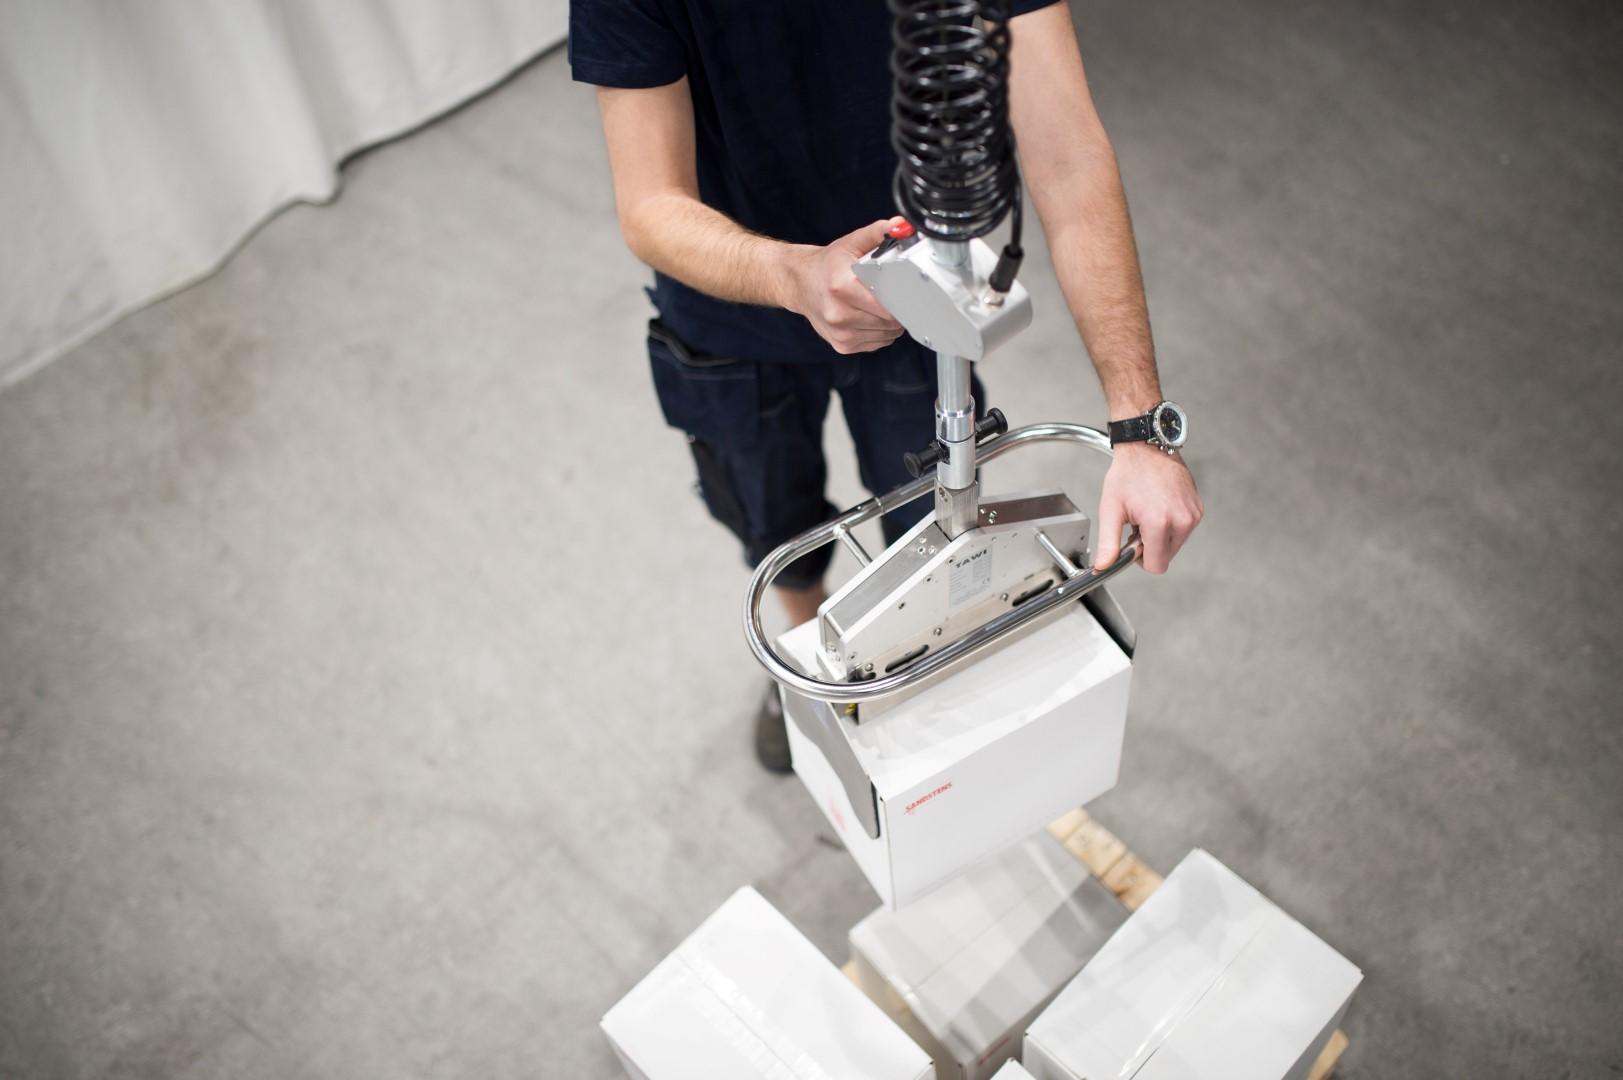 Snelle takel met tool om dozen te manipuleren